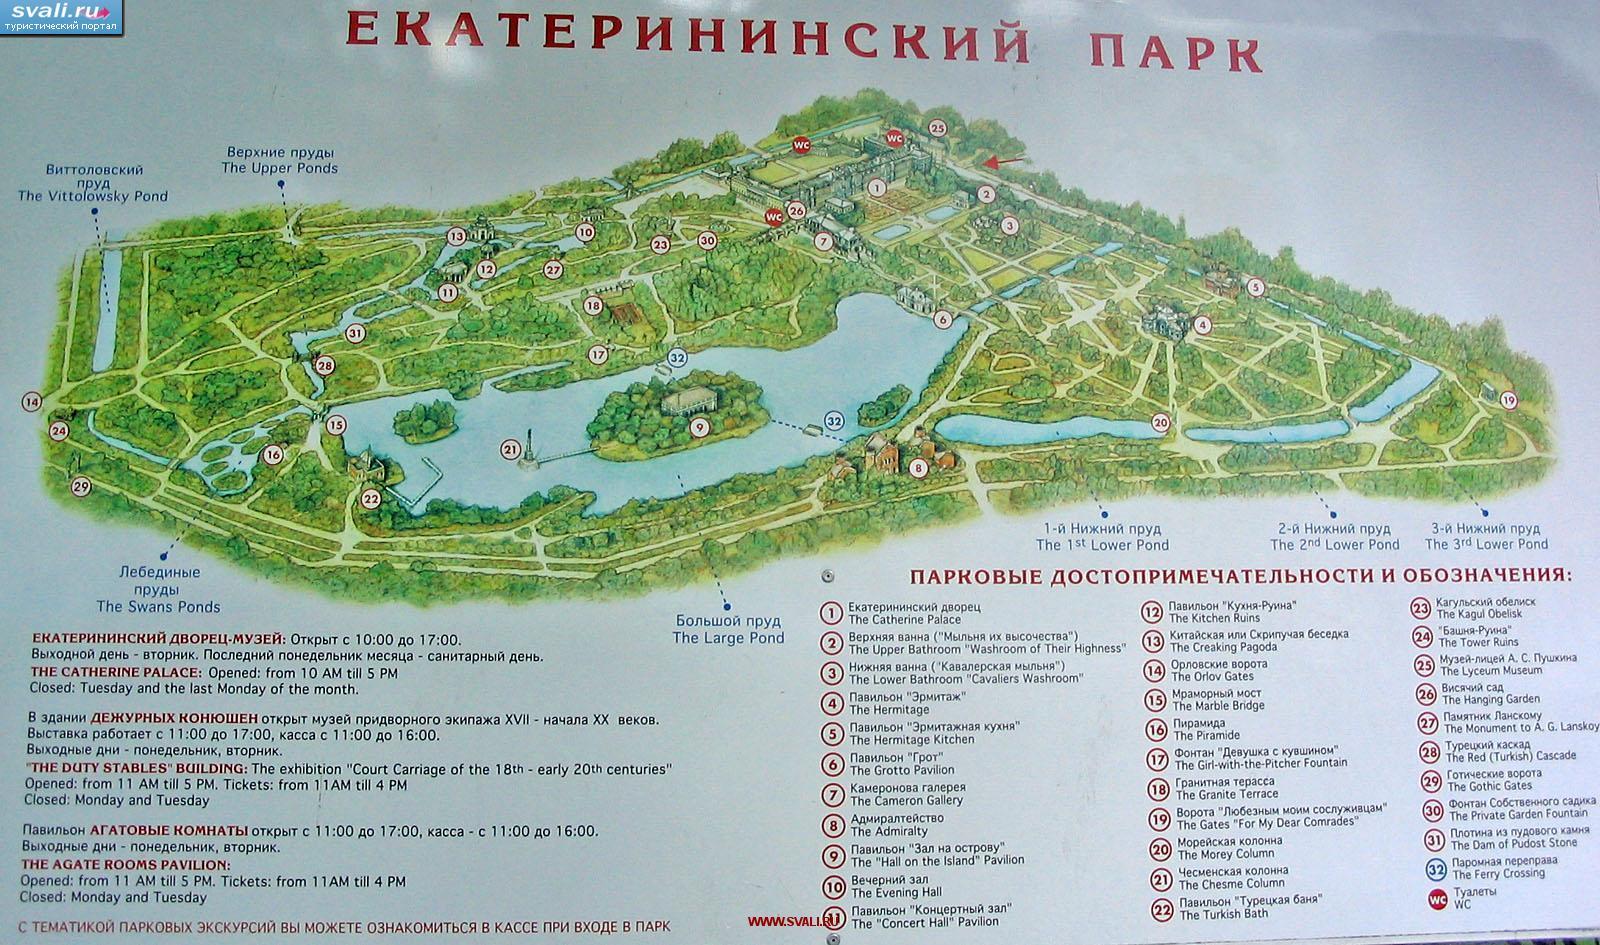 екатерининский парк фото